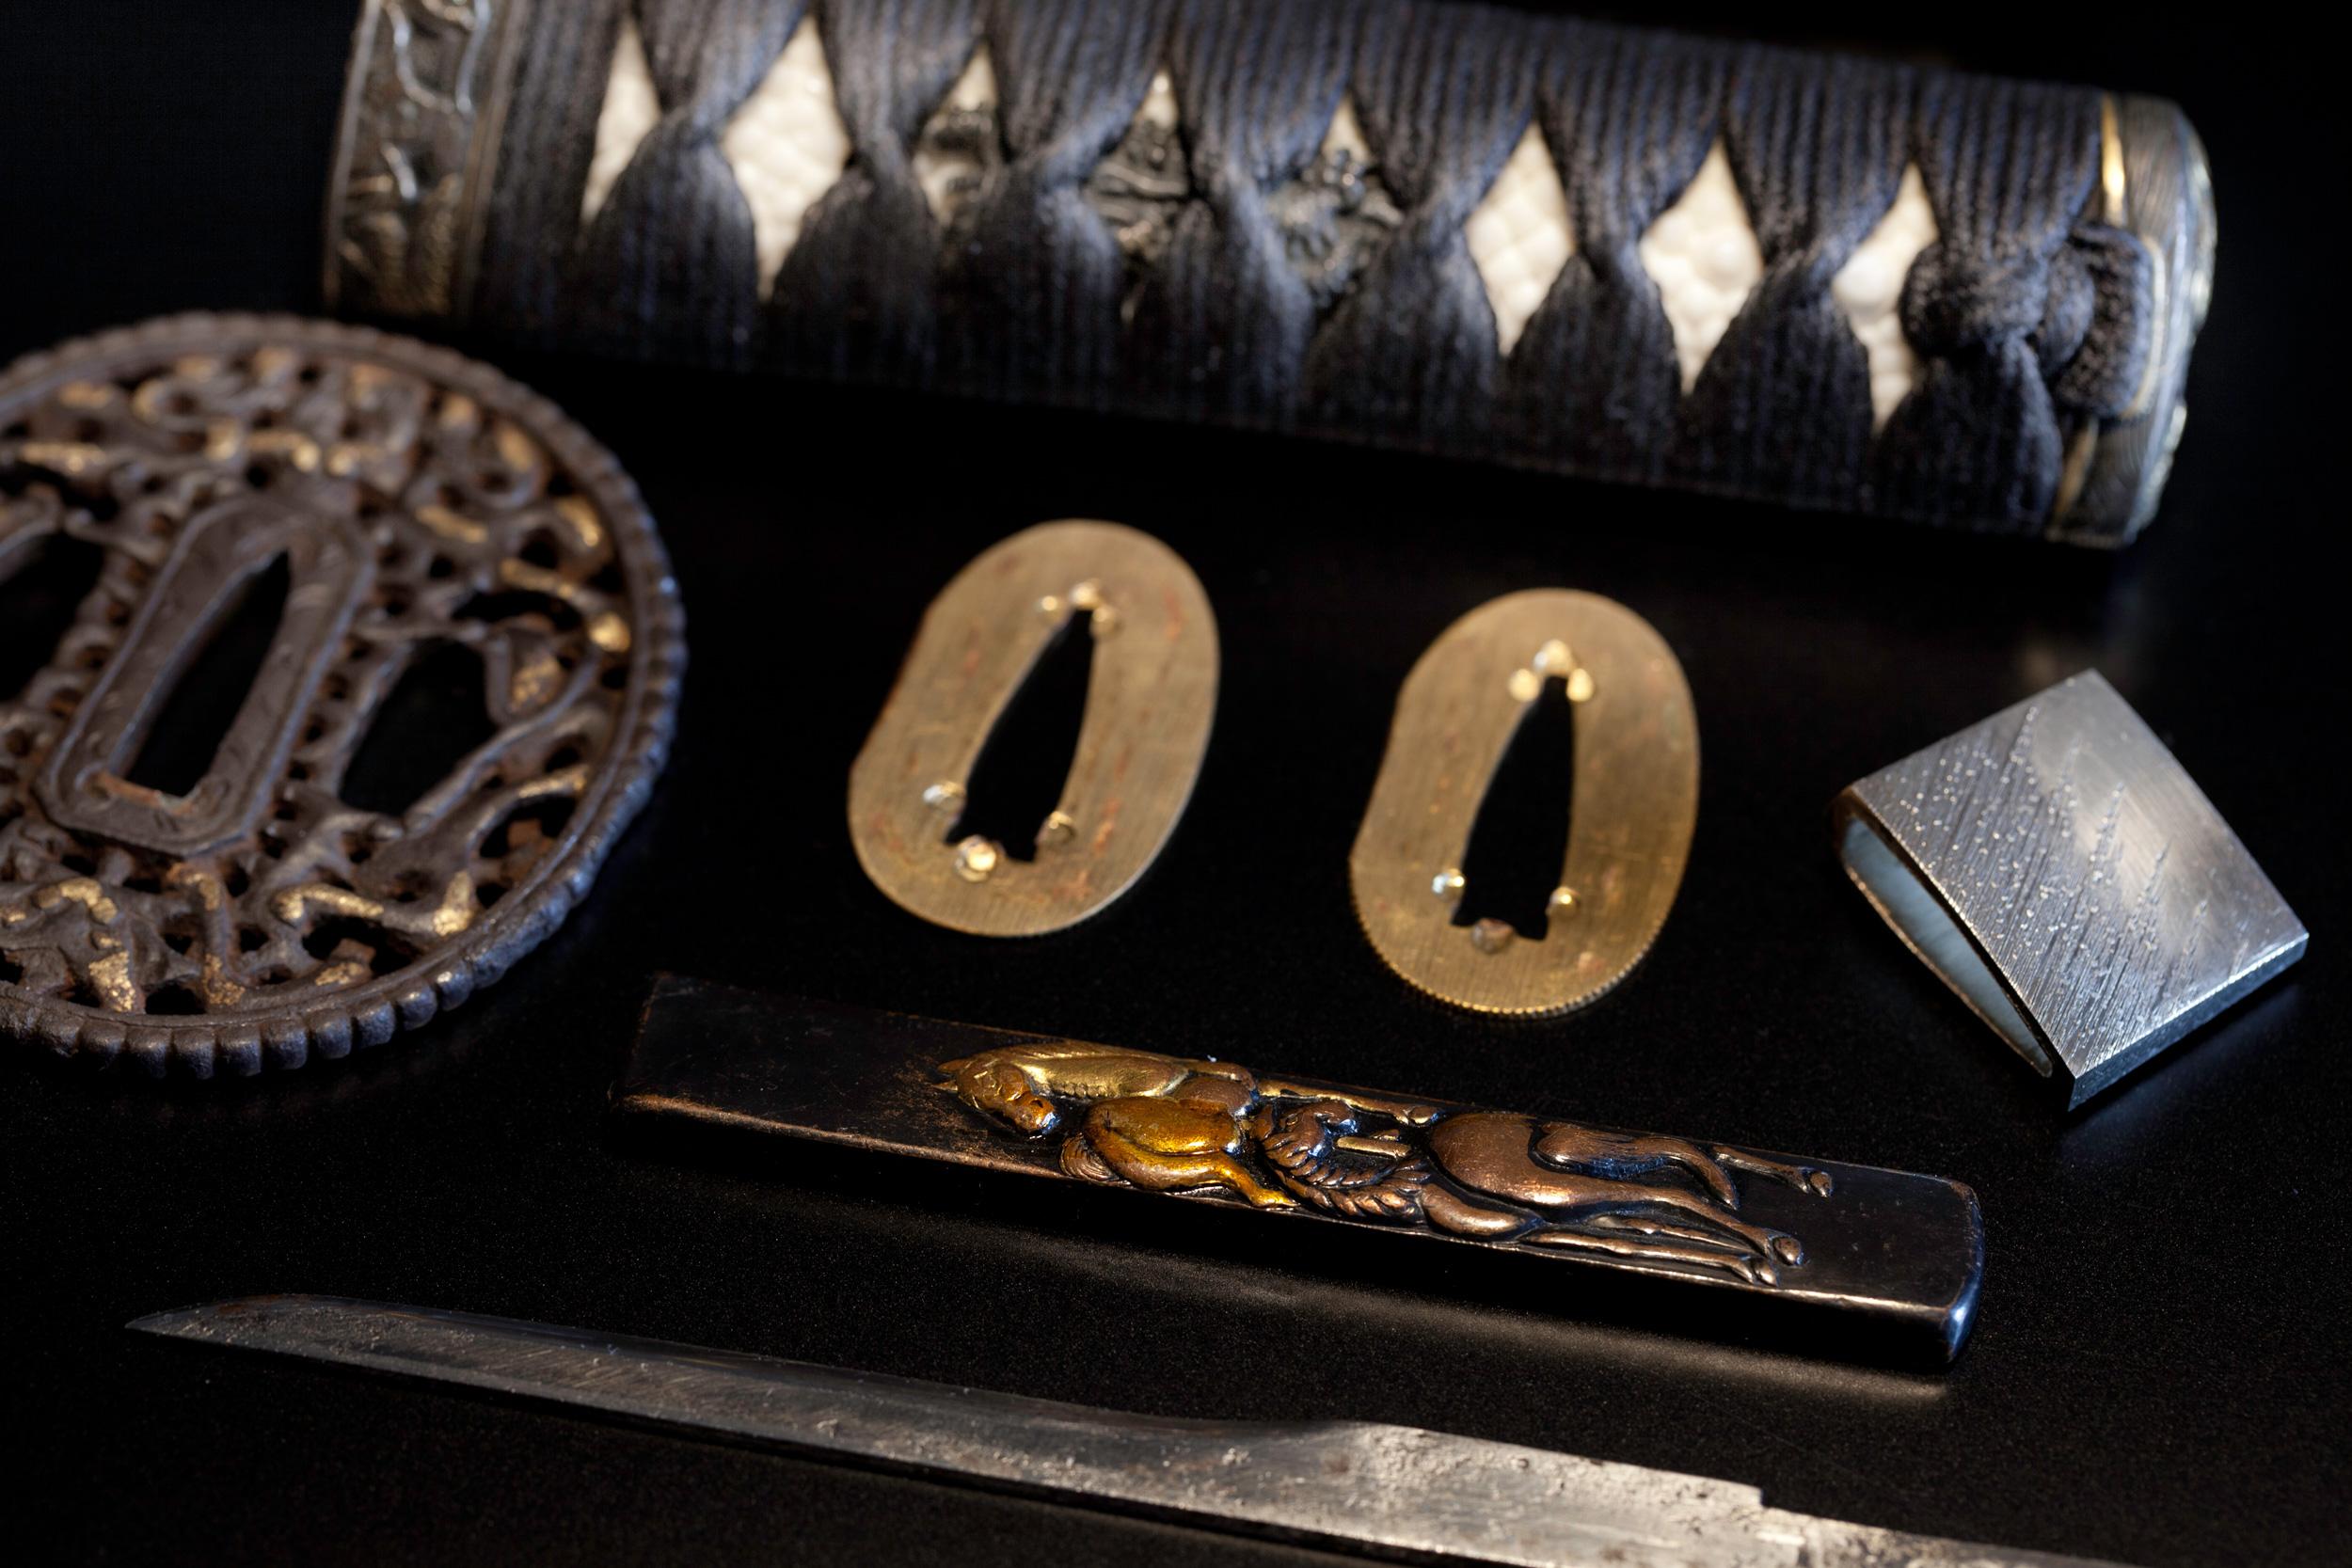 非常に状態の良い南蛮鍔です。鍔の評価だけでも数万円だそうです。縁頭は共に「龍」で縁起ものです。鮫皮も親つぶがしっかり出ております。ハバキは総銀作り(銀無垢)です。